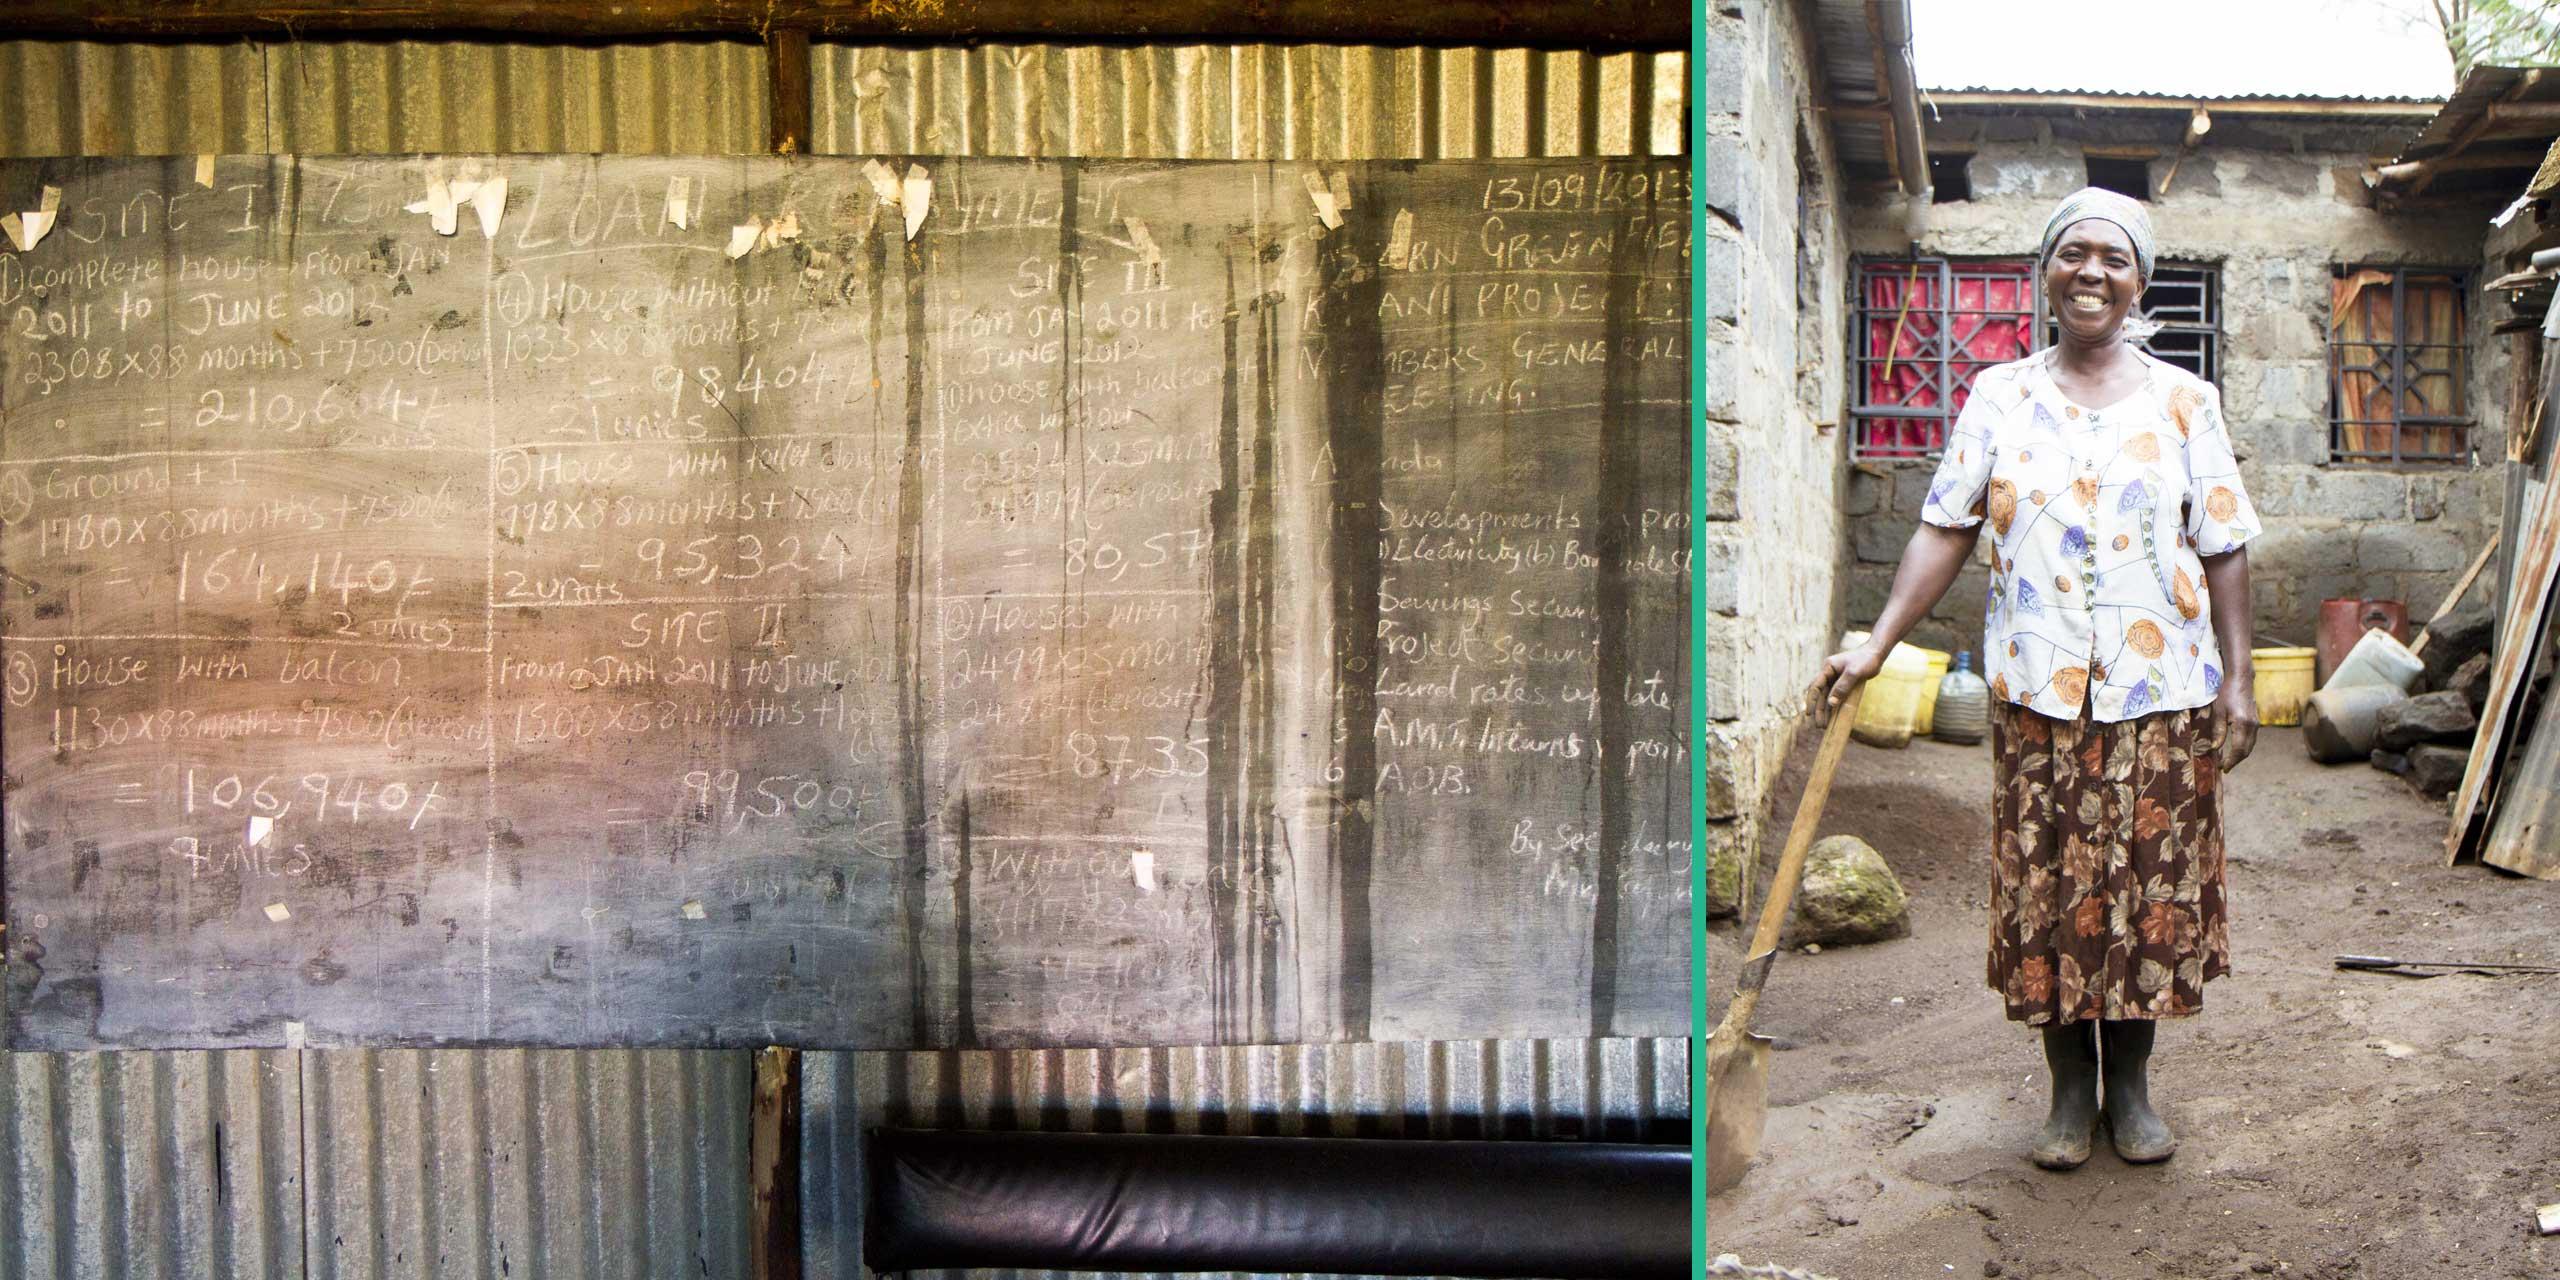 http://skollworldforumorg.c.presscdn.com/wp-content/uploads/2015/01/slum-dwellers-international-sl2.jpg